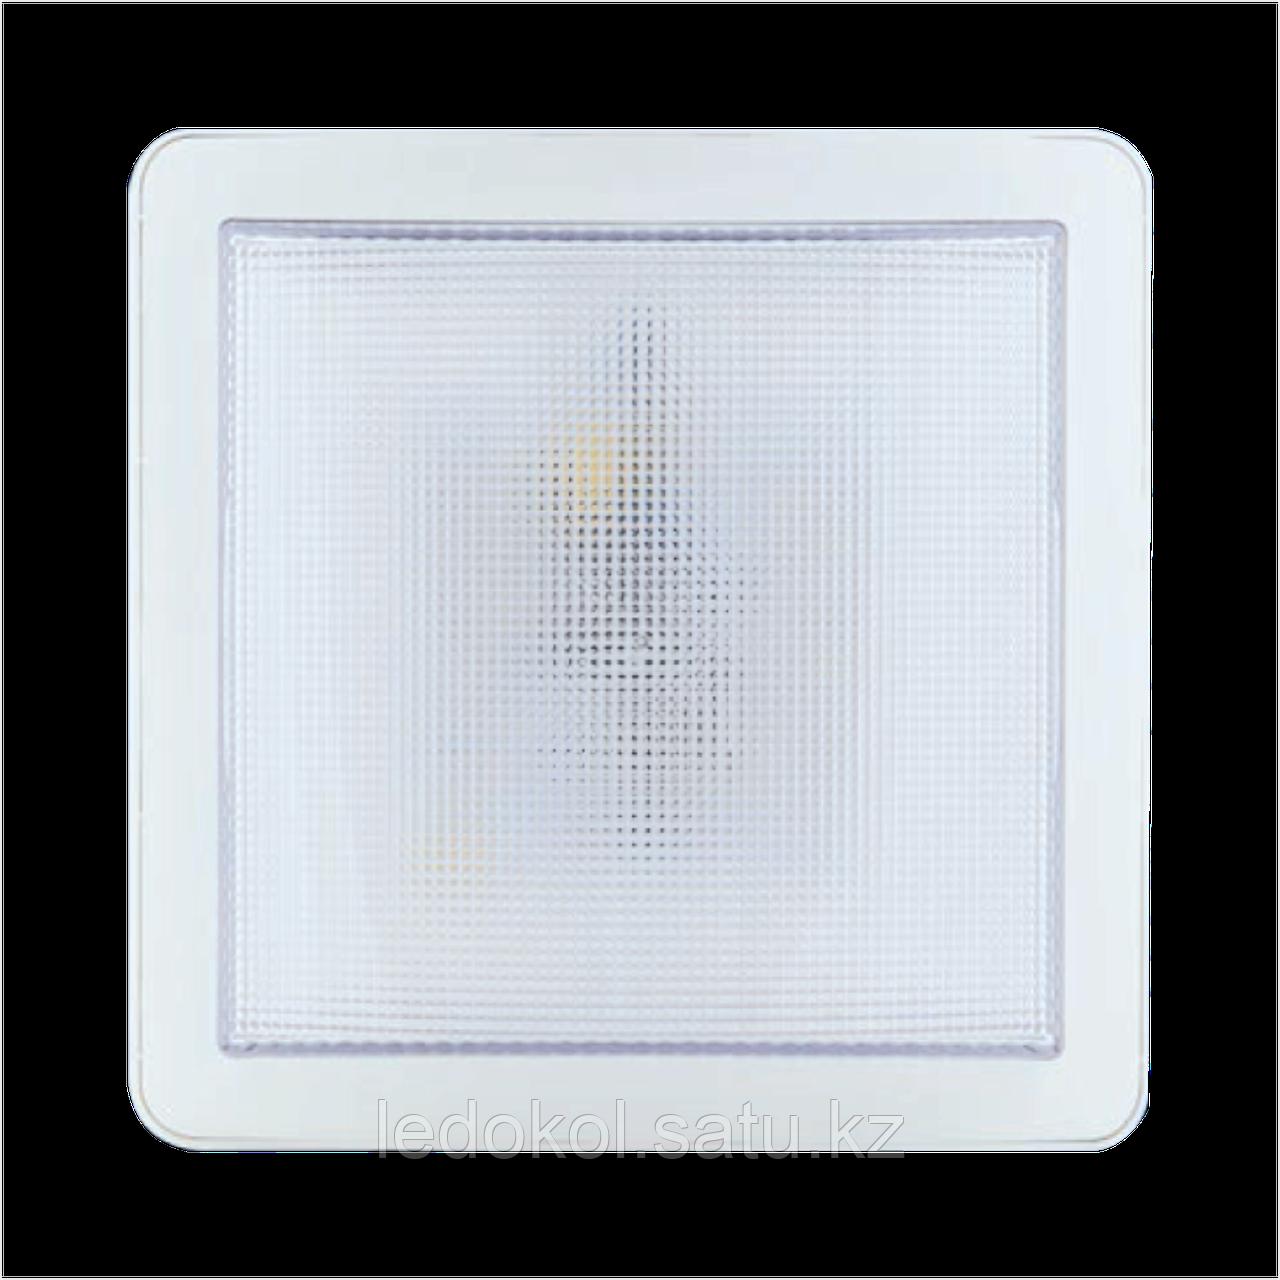 """Светильник дом. ДБП """"Эконом-ЖКХ"""" LED, 6 Вт, с датч, антивандальный"""